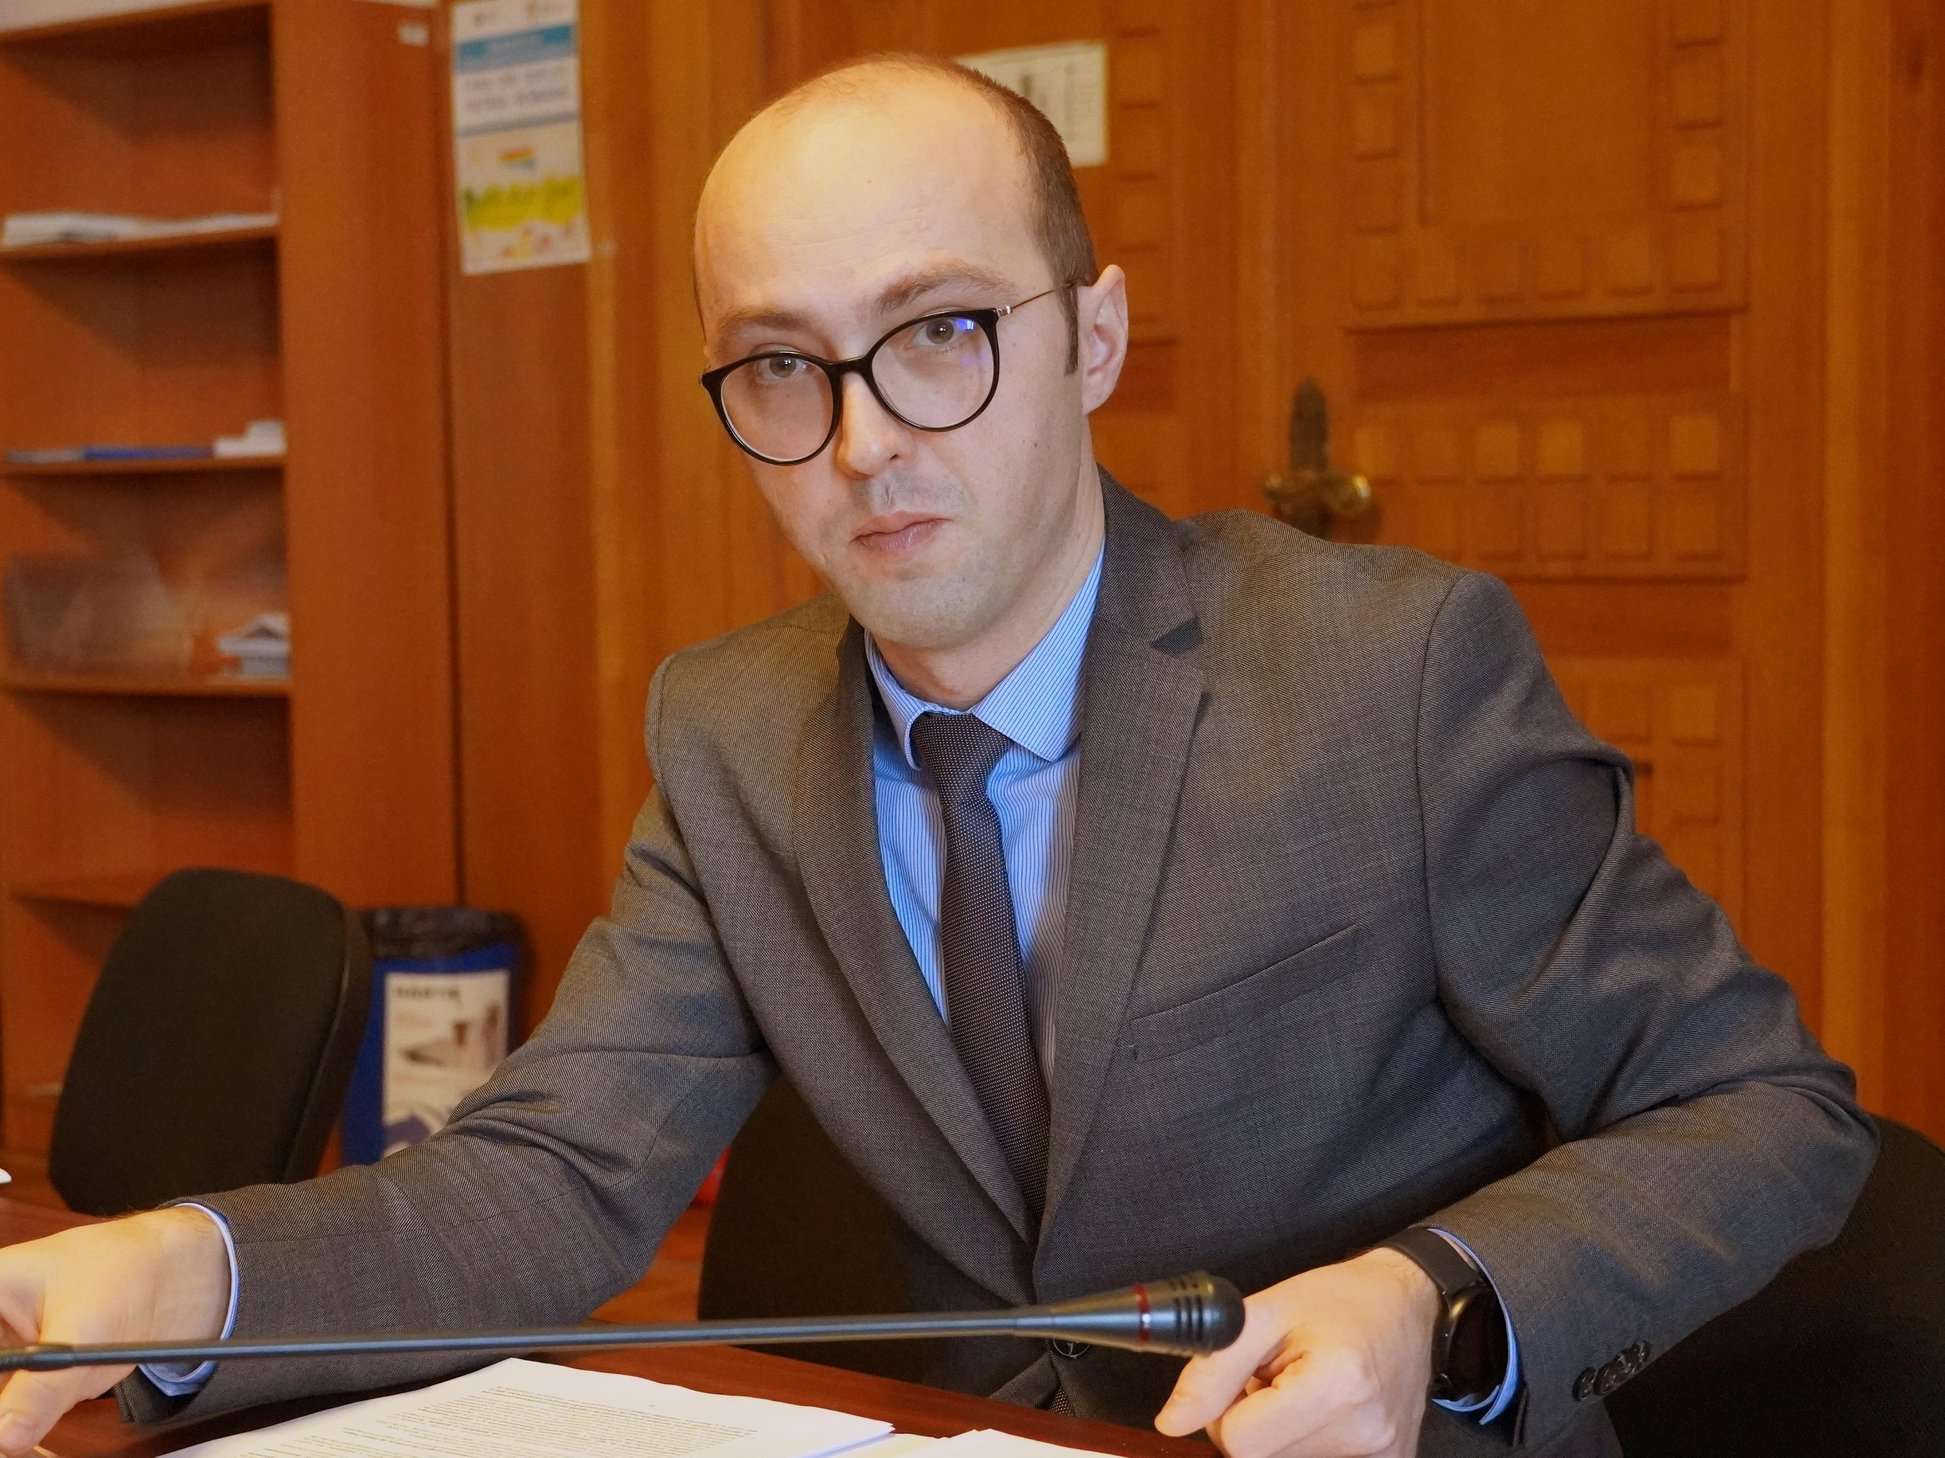 Șeful Grupului de Comunicare Strategică al Guvernului și-a dat demisia. Care este cauza